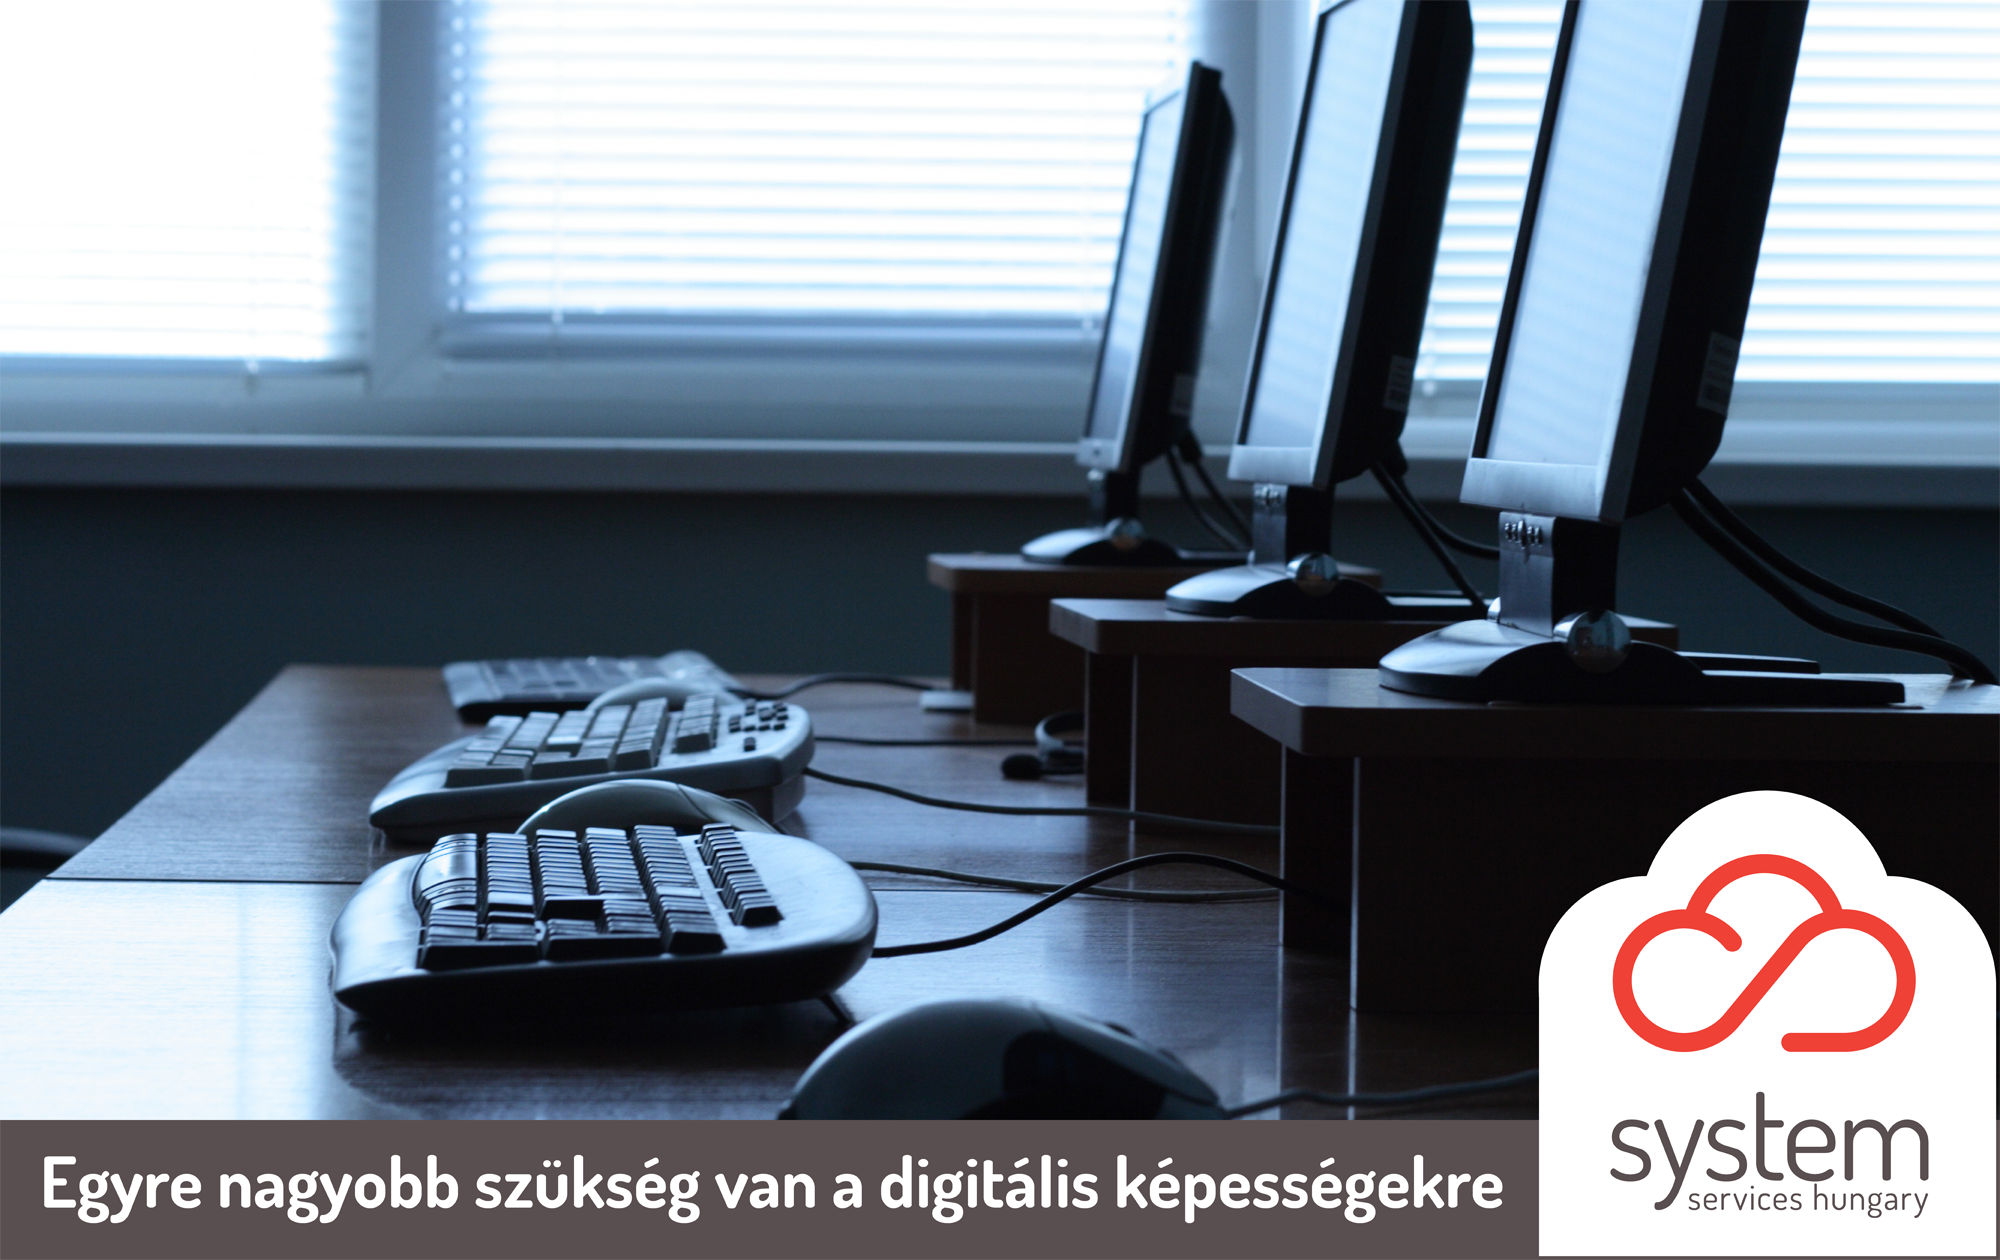 Az adatbiztonság, a szakemberek digitális képessége és az IT-tudás határozza meg a világ jövőjét